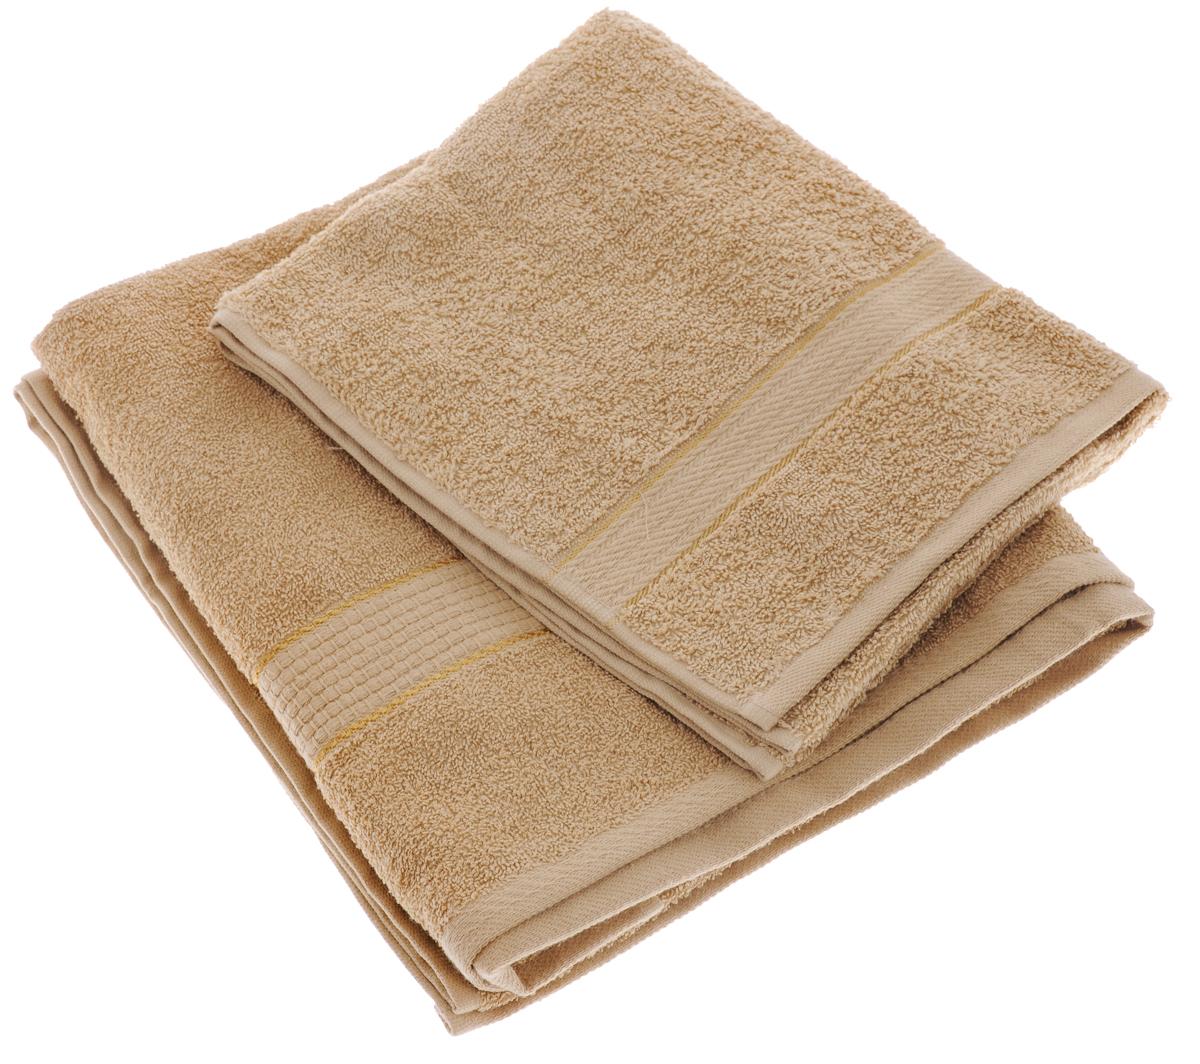 Набор махровых полотенец Aisha Home Textile, цвет: светло-коричневый, 2 шт. УзТ-НПМ-10219201Набор Aisha Home Textile состоит из двух махровых полотенец разного размера. В состав входит только натуральное волокно - 100% хлопок. Лаконичные бордюры подойдут для любого интерьера ванной комнаты. Полотенца прекрасно впитывают влагу и быстро сохнут. При соблюдении рекомендаций по уходу не линяют и не теряют форму даже после многократных стирок.Комплектация: 2 шт.